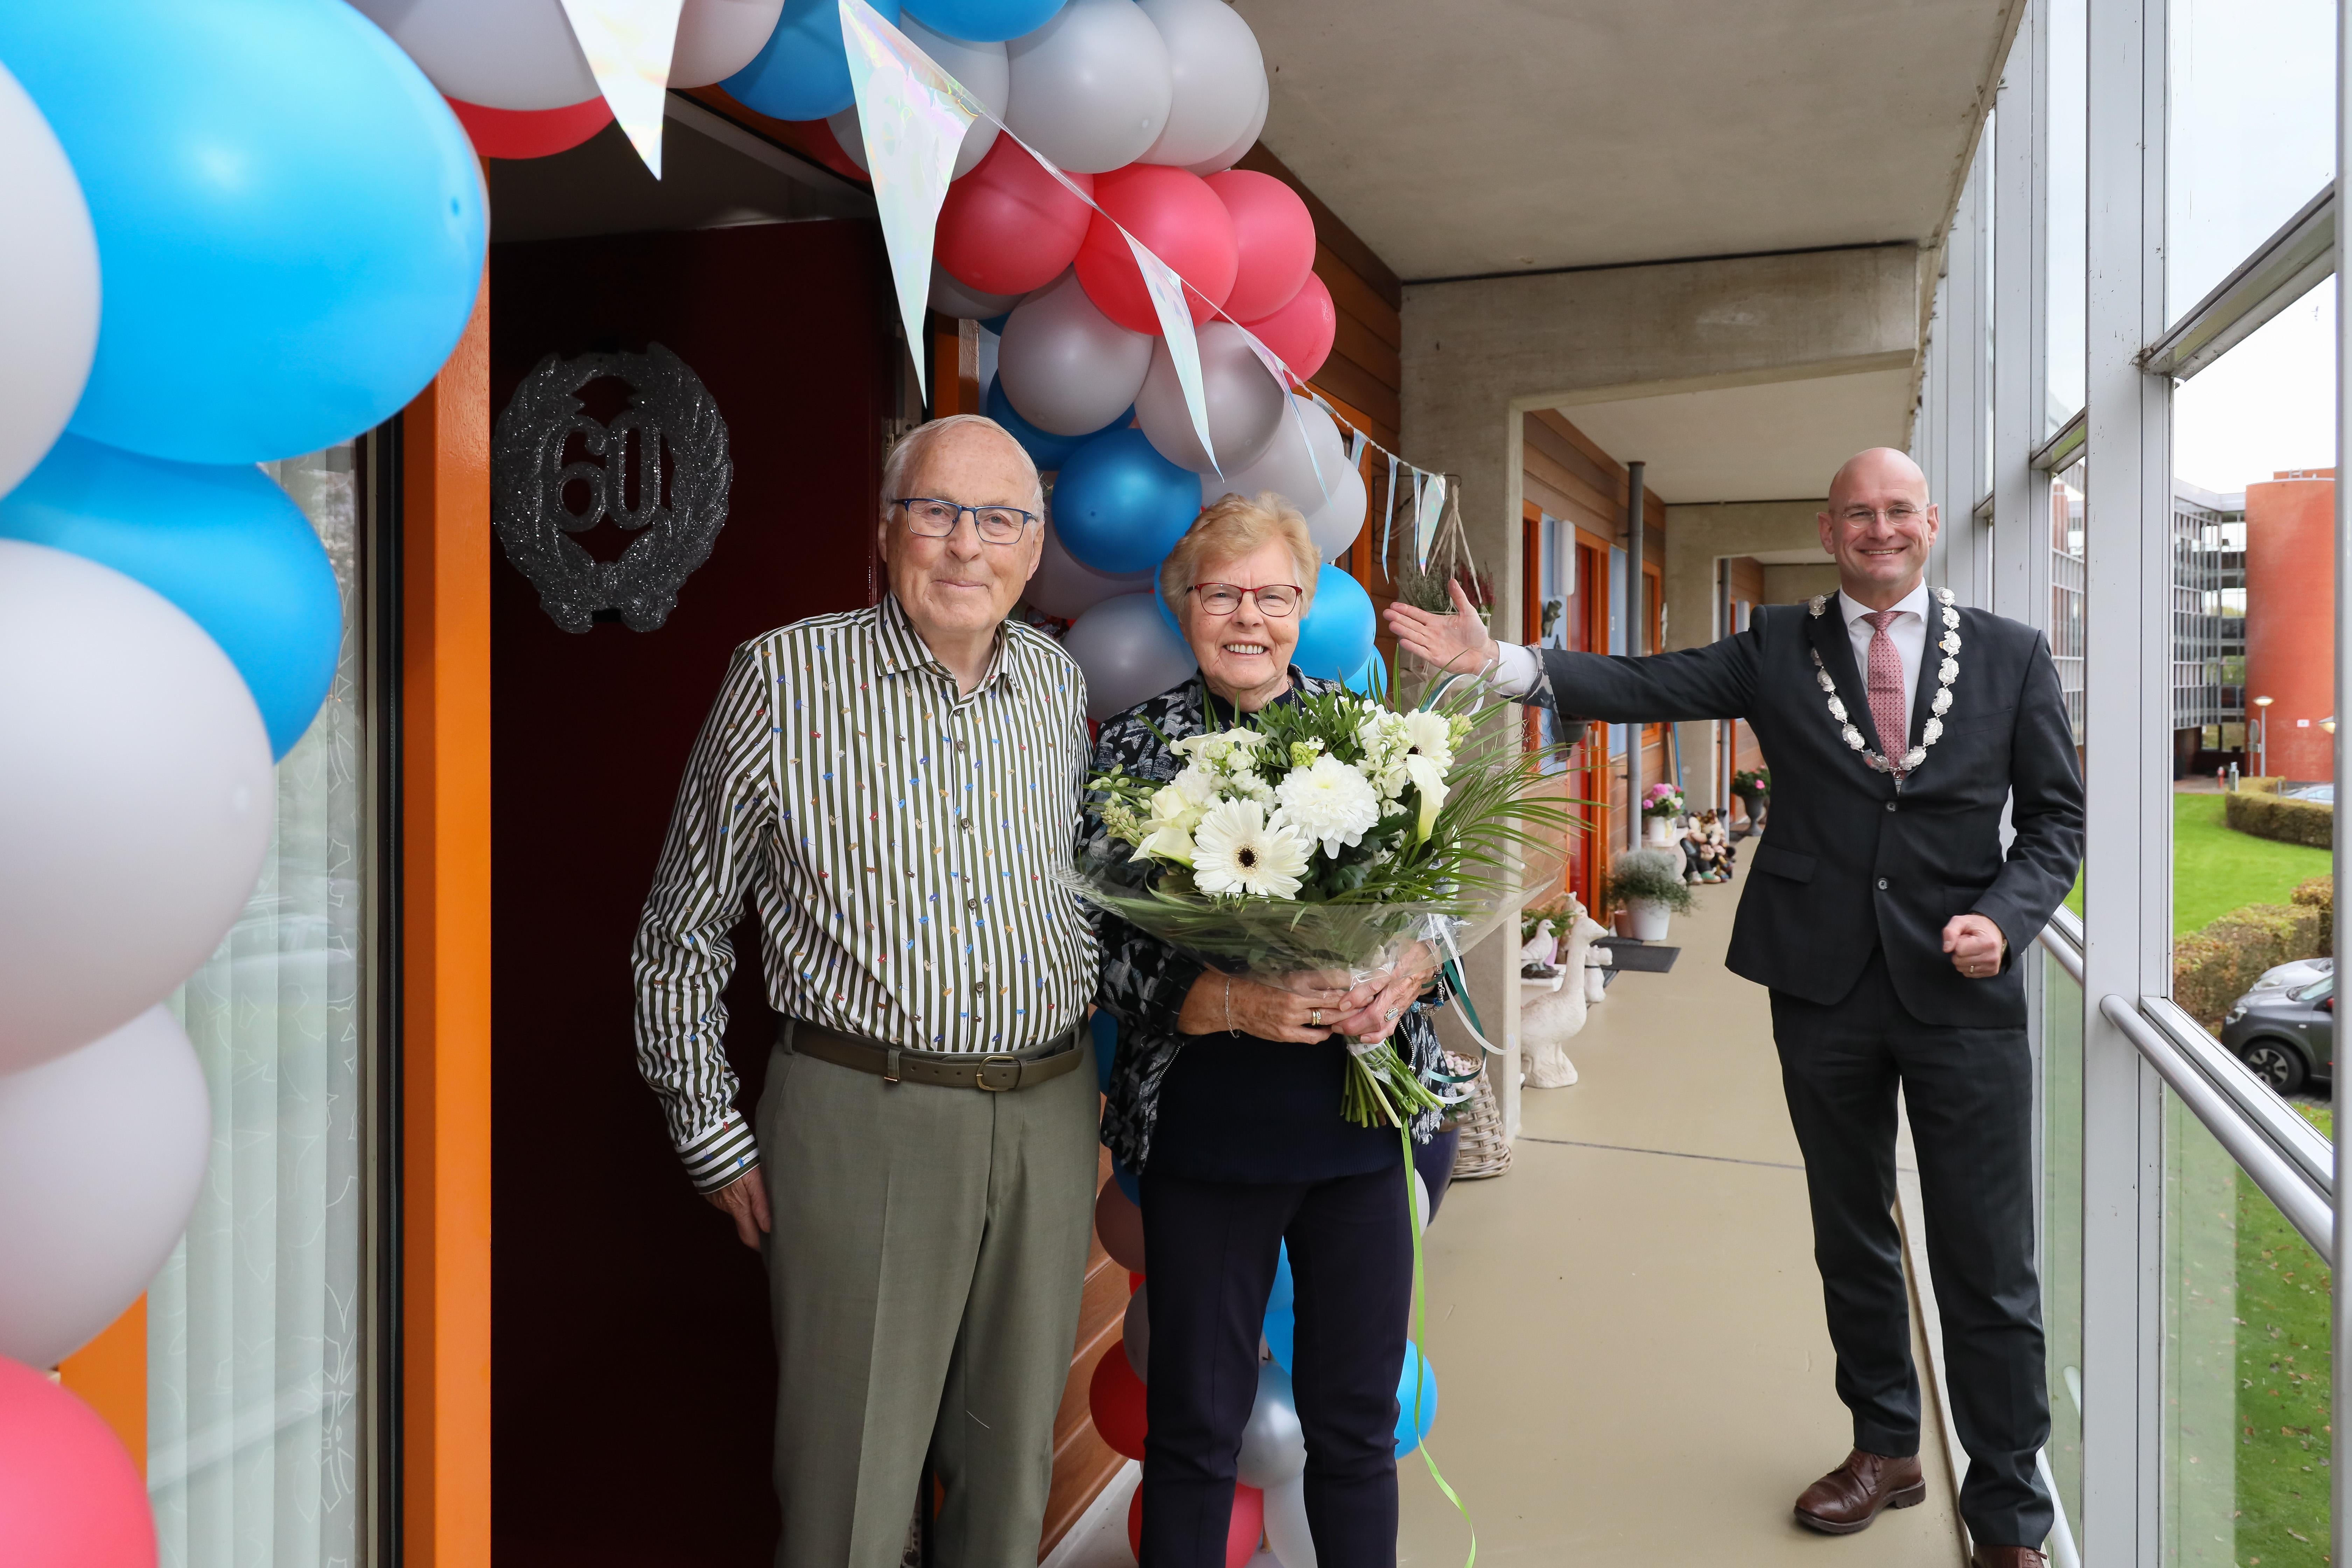 Sieger en Grietje Haarsma: van een Friese dansvloer via de Overloop naar Blokkers huis